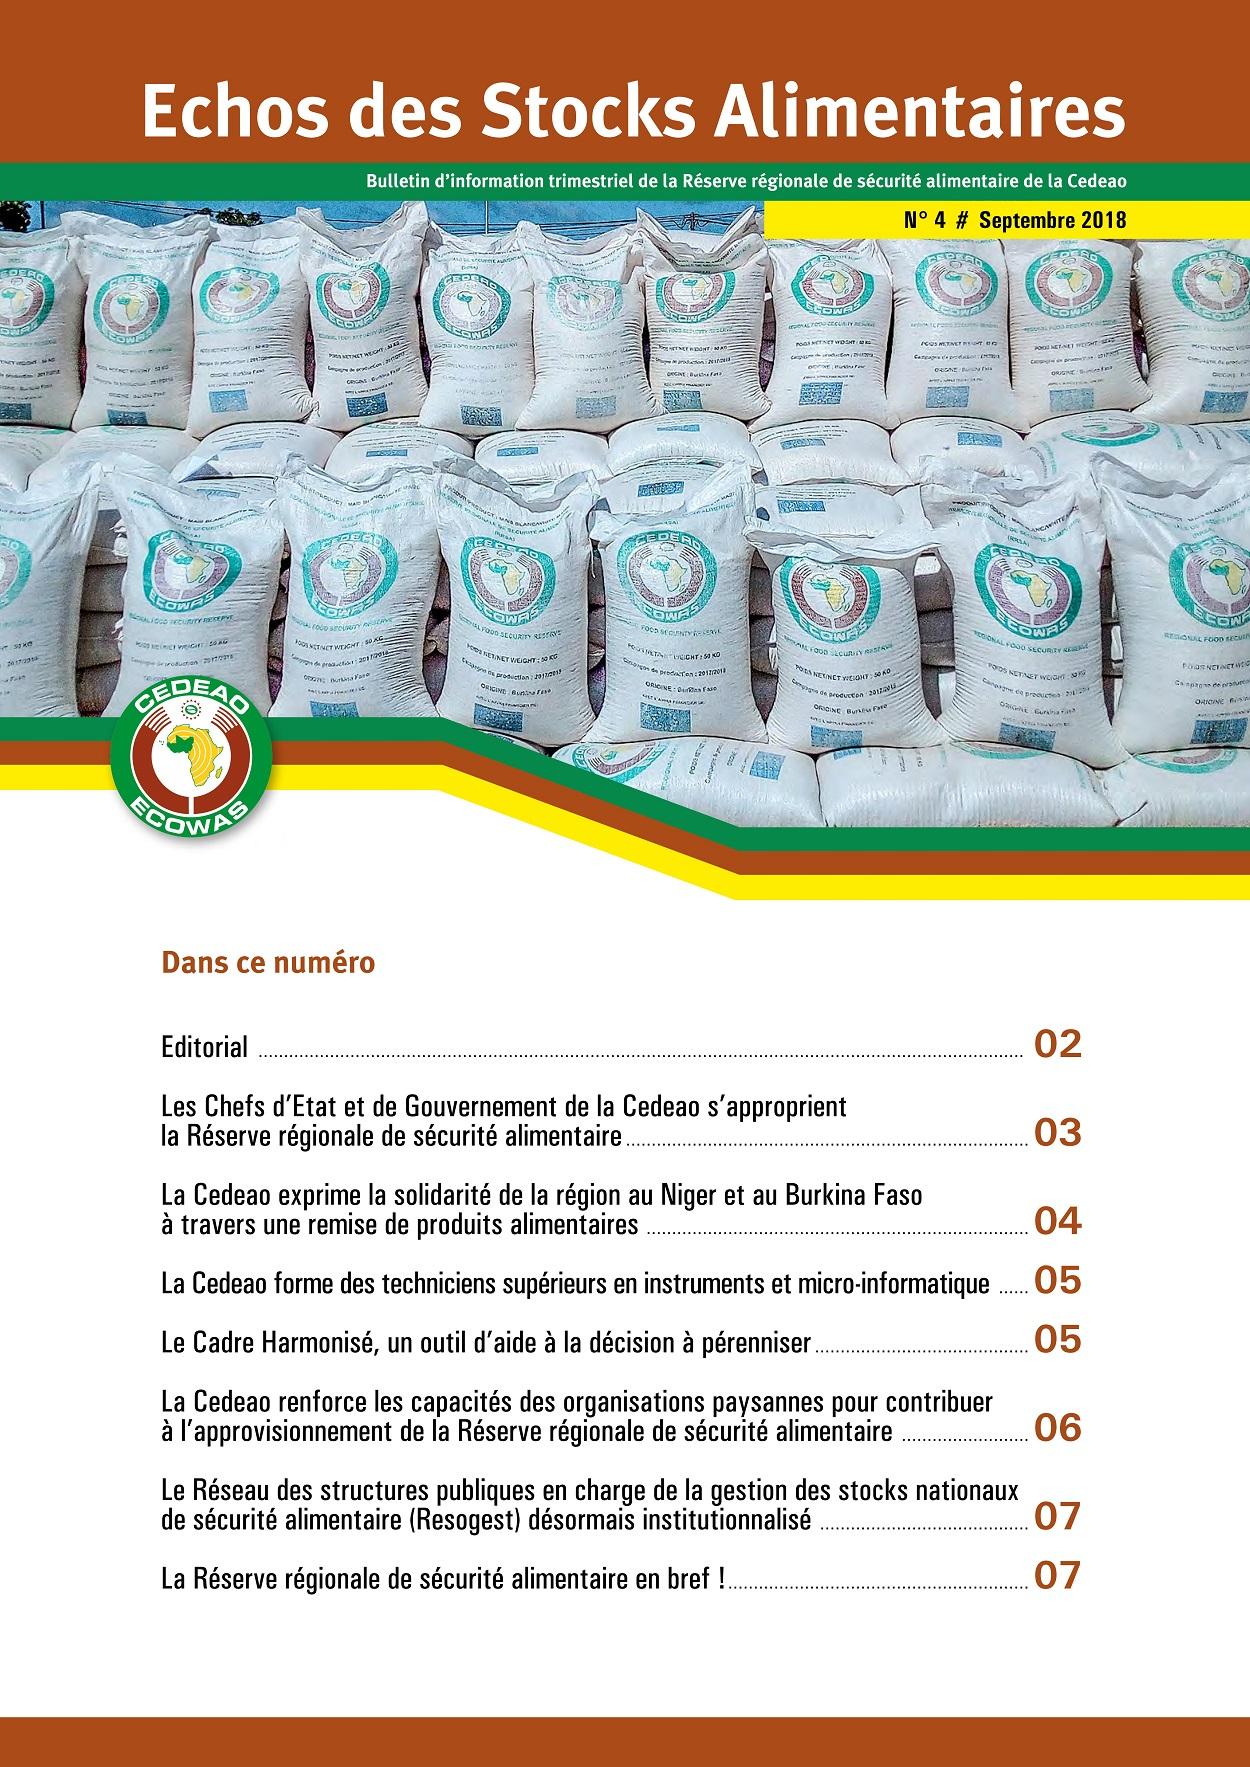 Carte De Lafrique Interactive.Communaute Economique Des Etats De L Afrique De L Ouest Cedeao